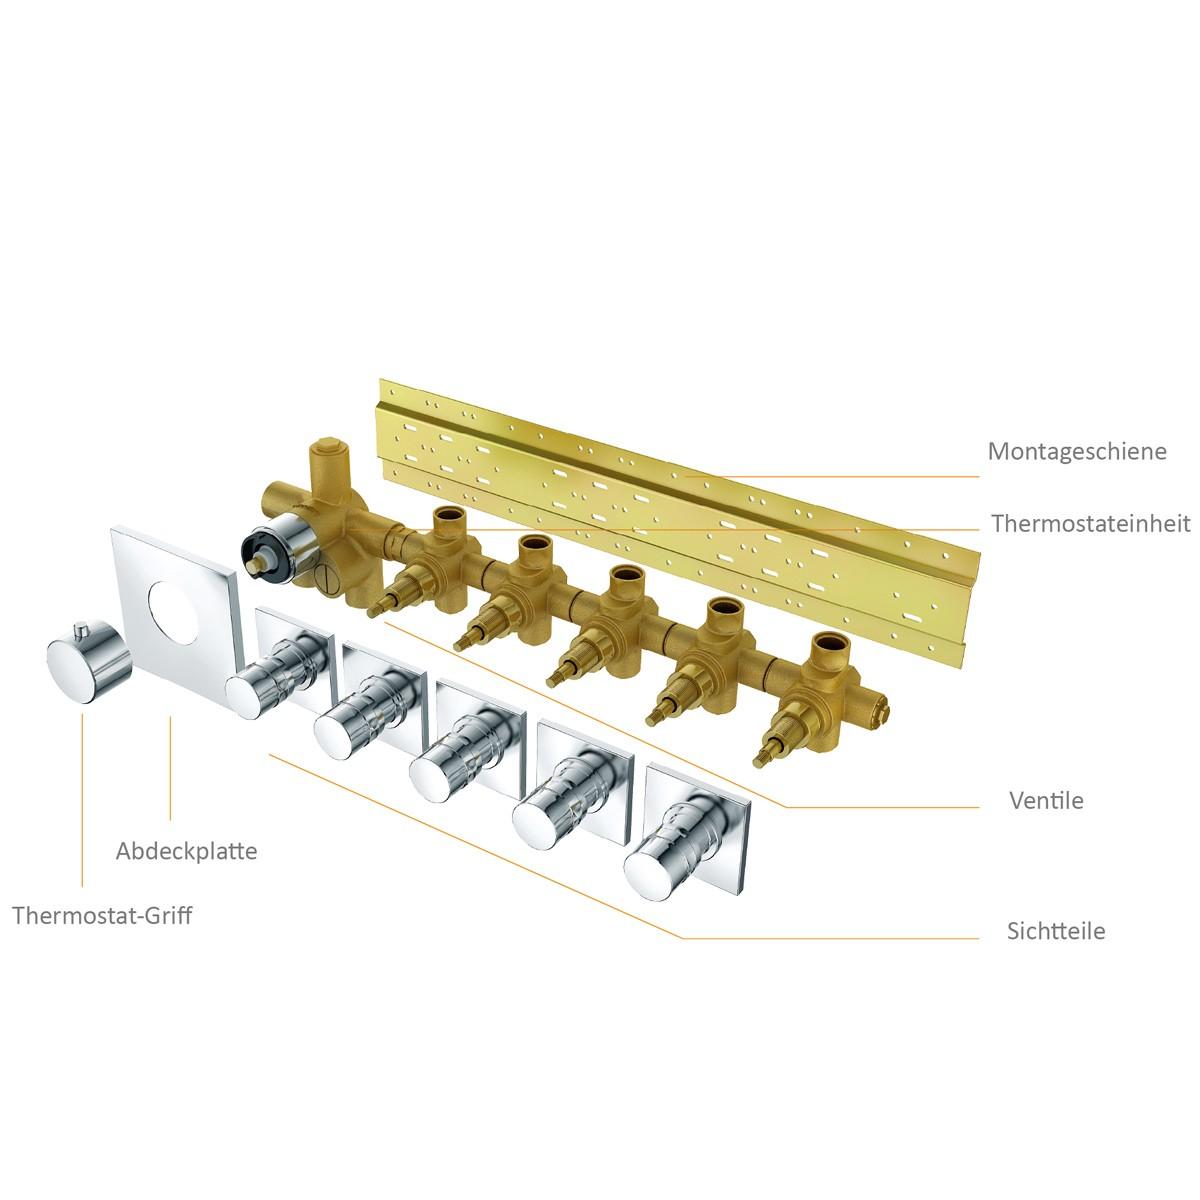 Unterputz Armatur Dusche Mit Thermostat : Soho 5 Wege Unterputz Thermostat Armatur Armaturen Dusche (Unterputz)